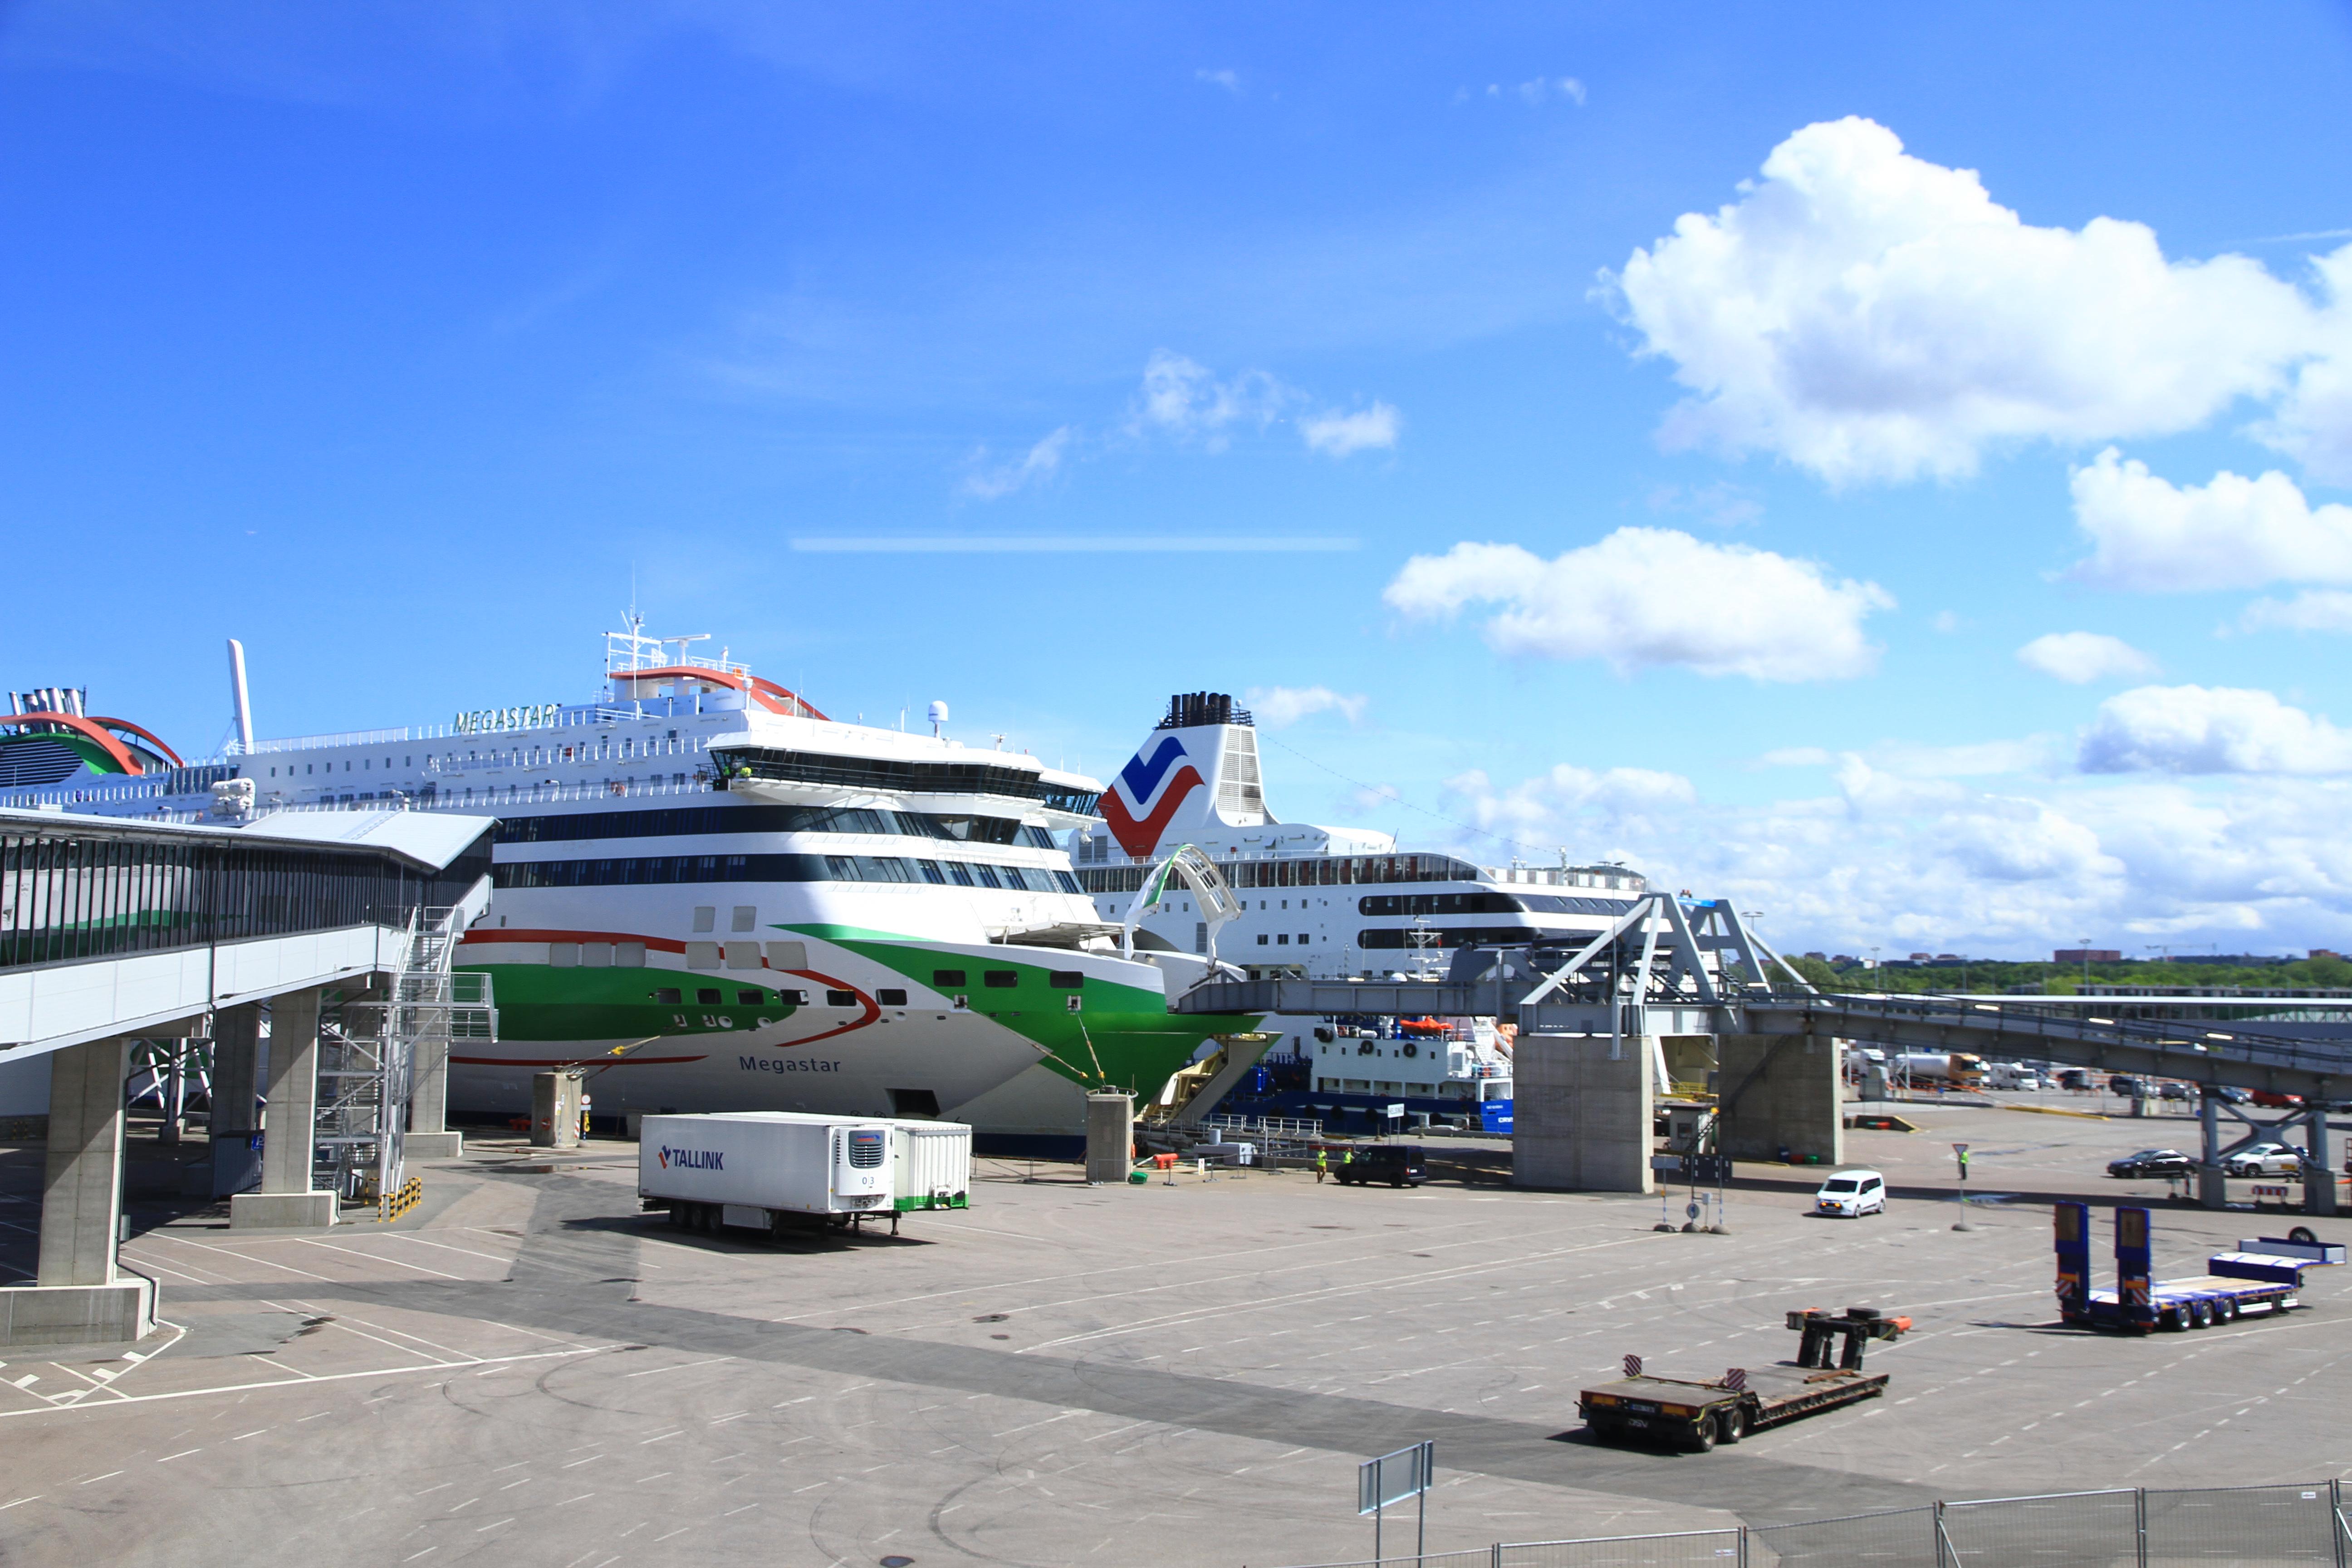 23、爱沙尼亚塔林:停靠在码头的邮轮